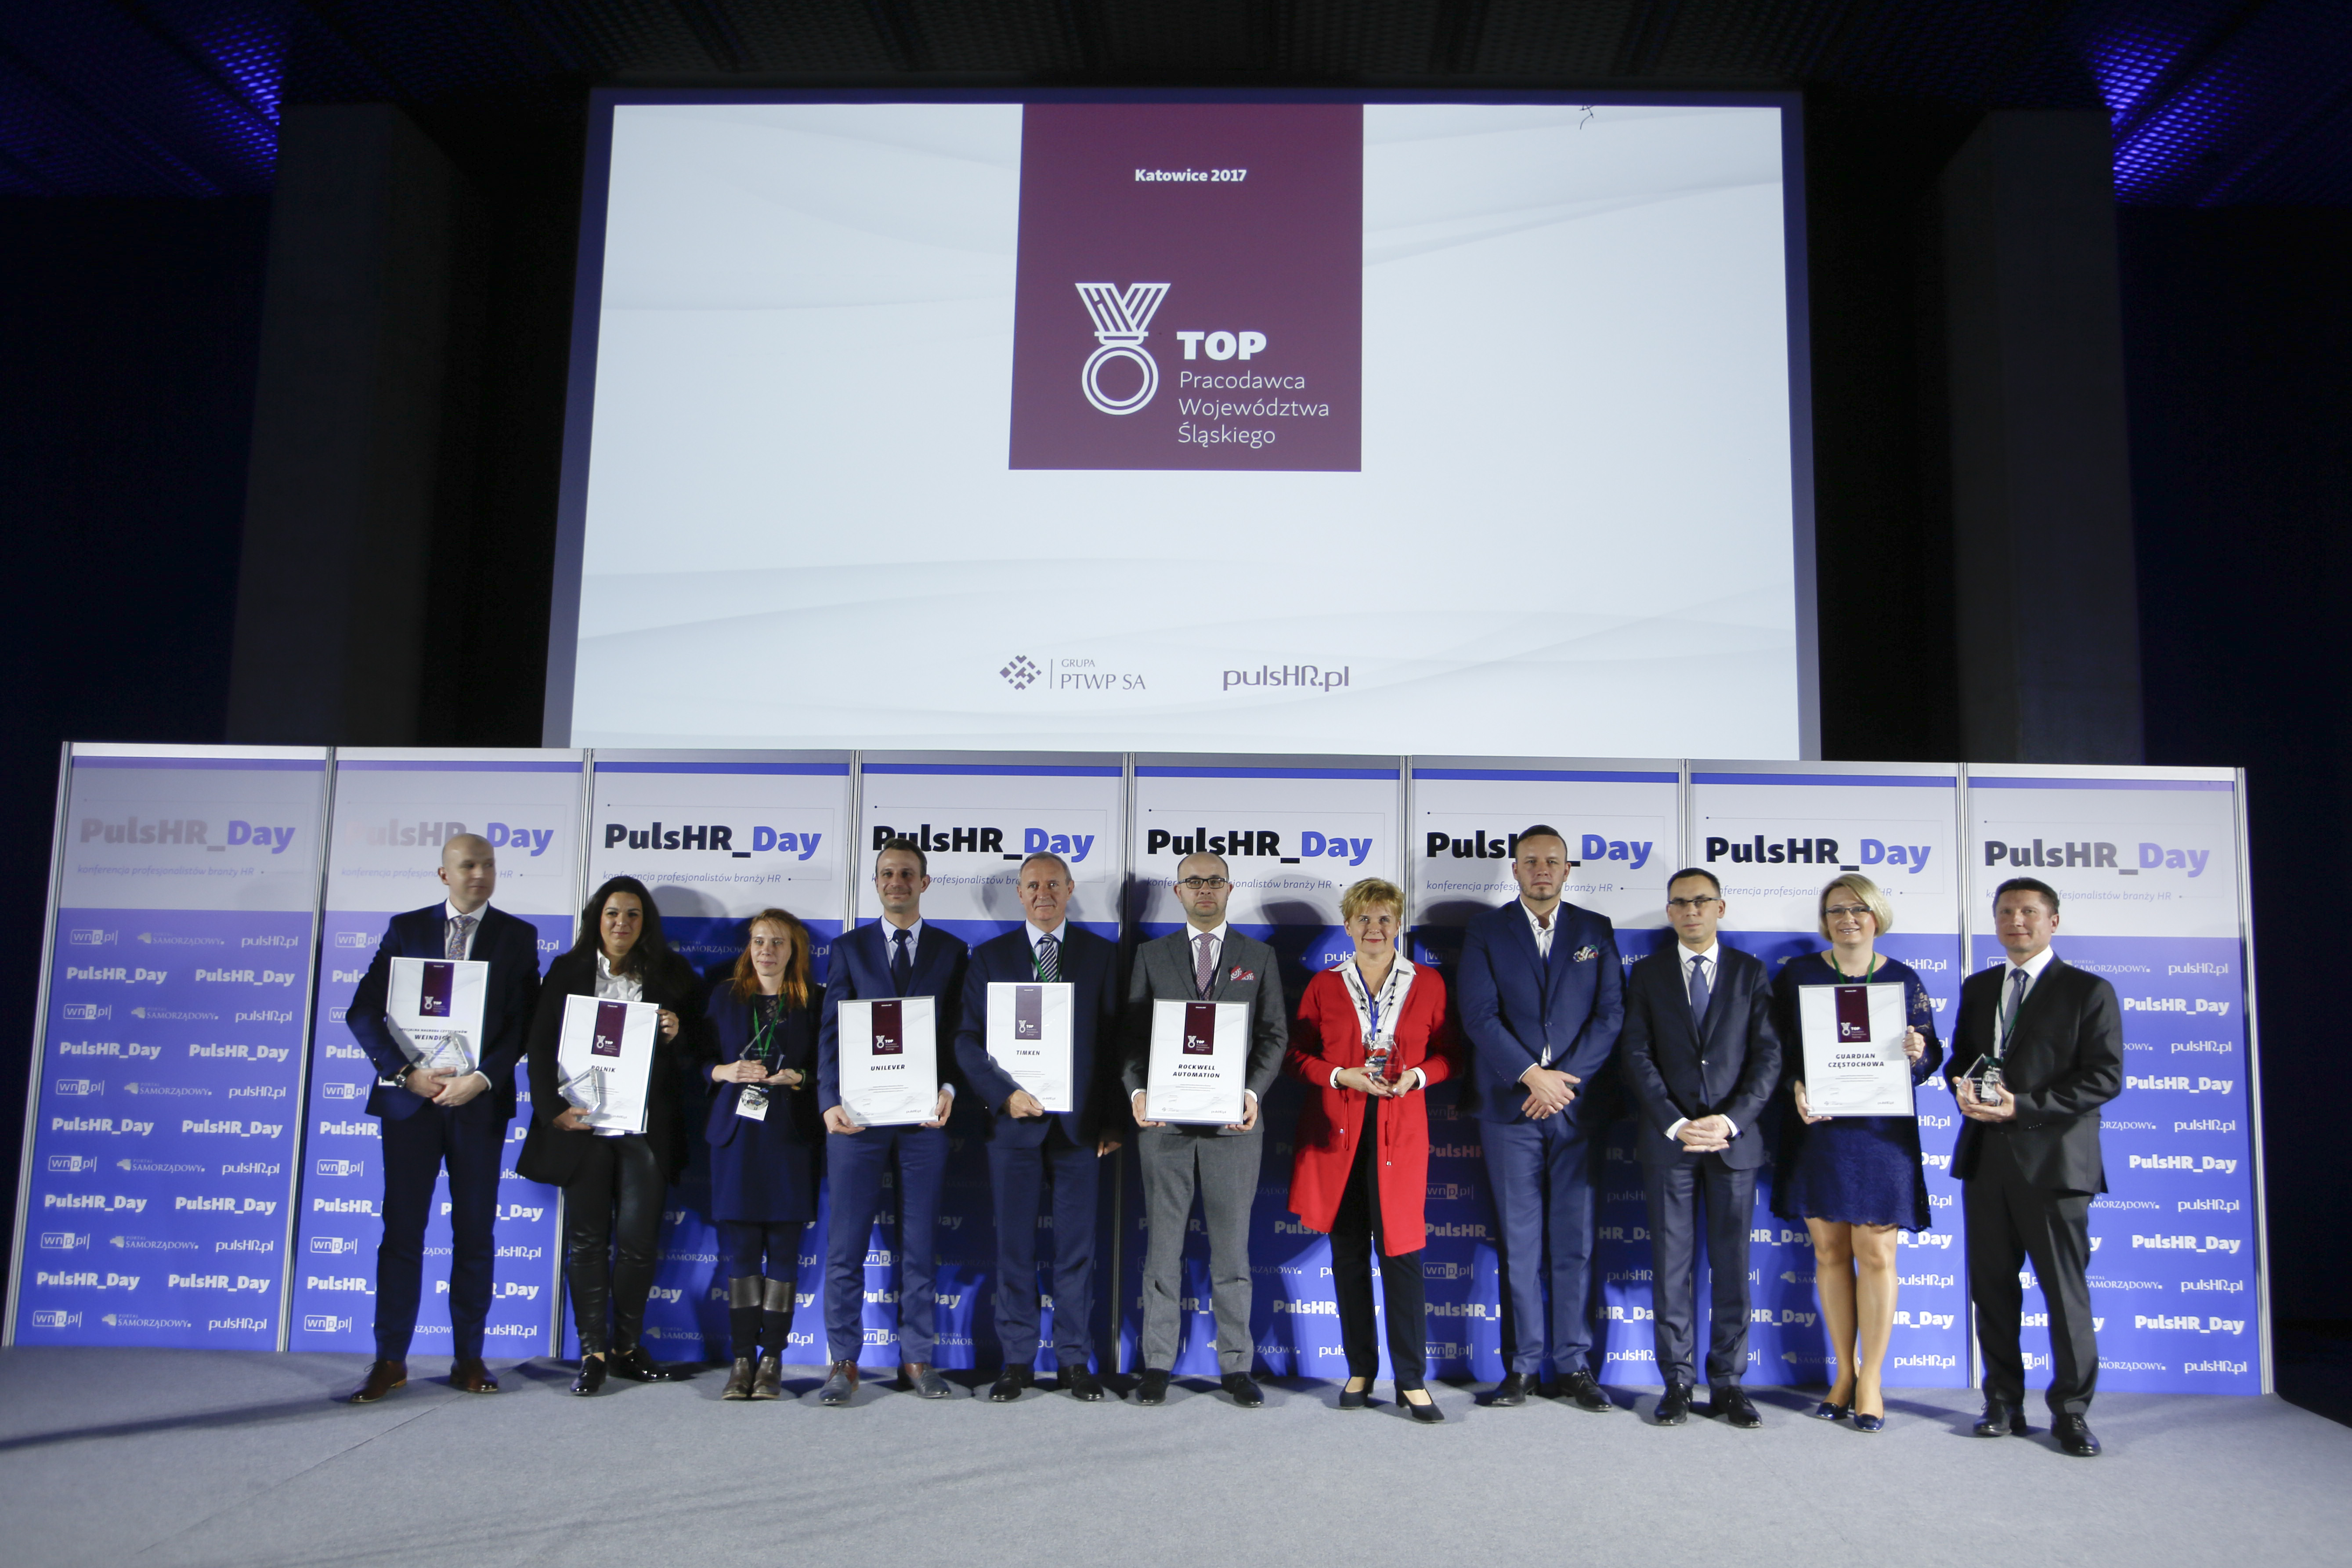 Laureaci konkursu Top Pracodawca Województwa Śląskiego (fot. Krzysztof Matuszyński)